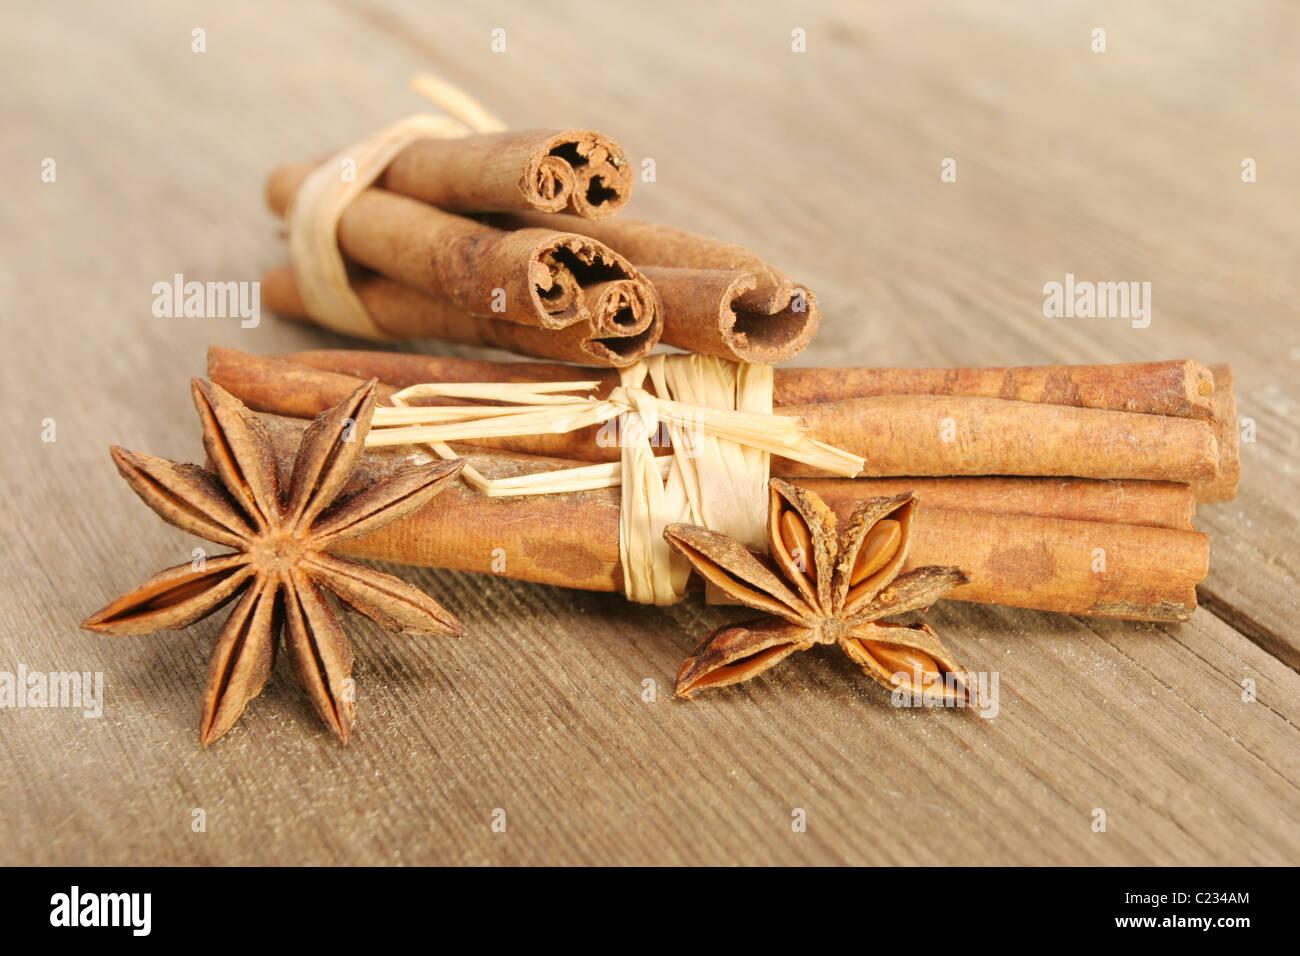 La canela y el anís estrella especias en la vieja y desgastada madera agrietada con foco superficial selectiva Imagen De Stock